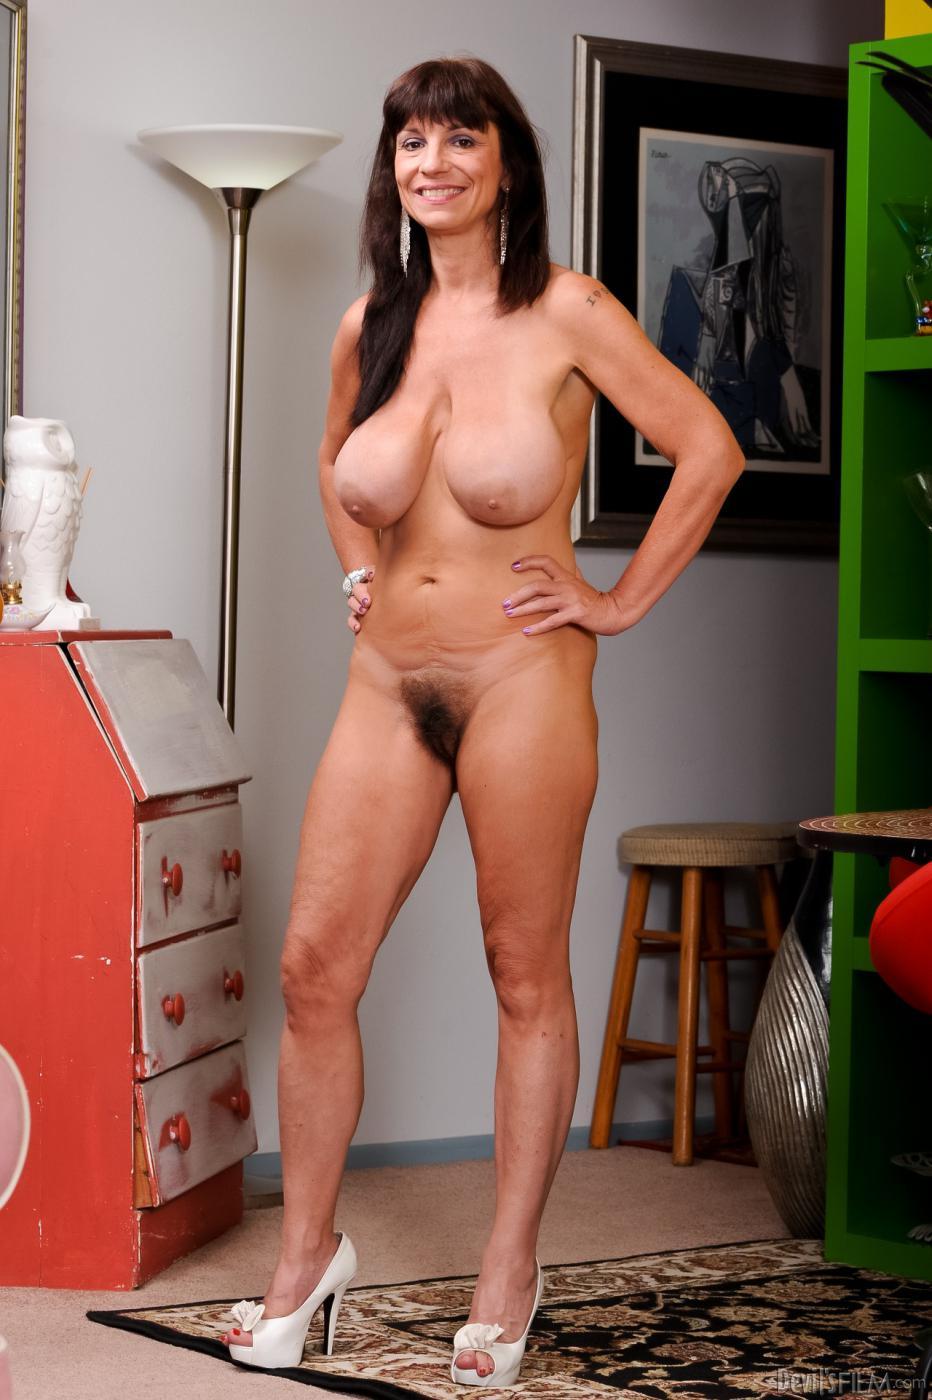 Одинокая грудастая девушка латинской внешности супермодель Sage Hughes желает фоткать свои изящные буфера